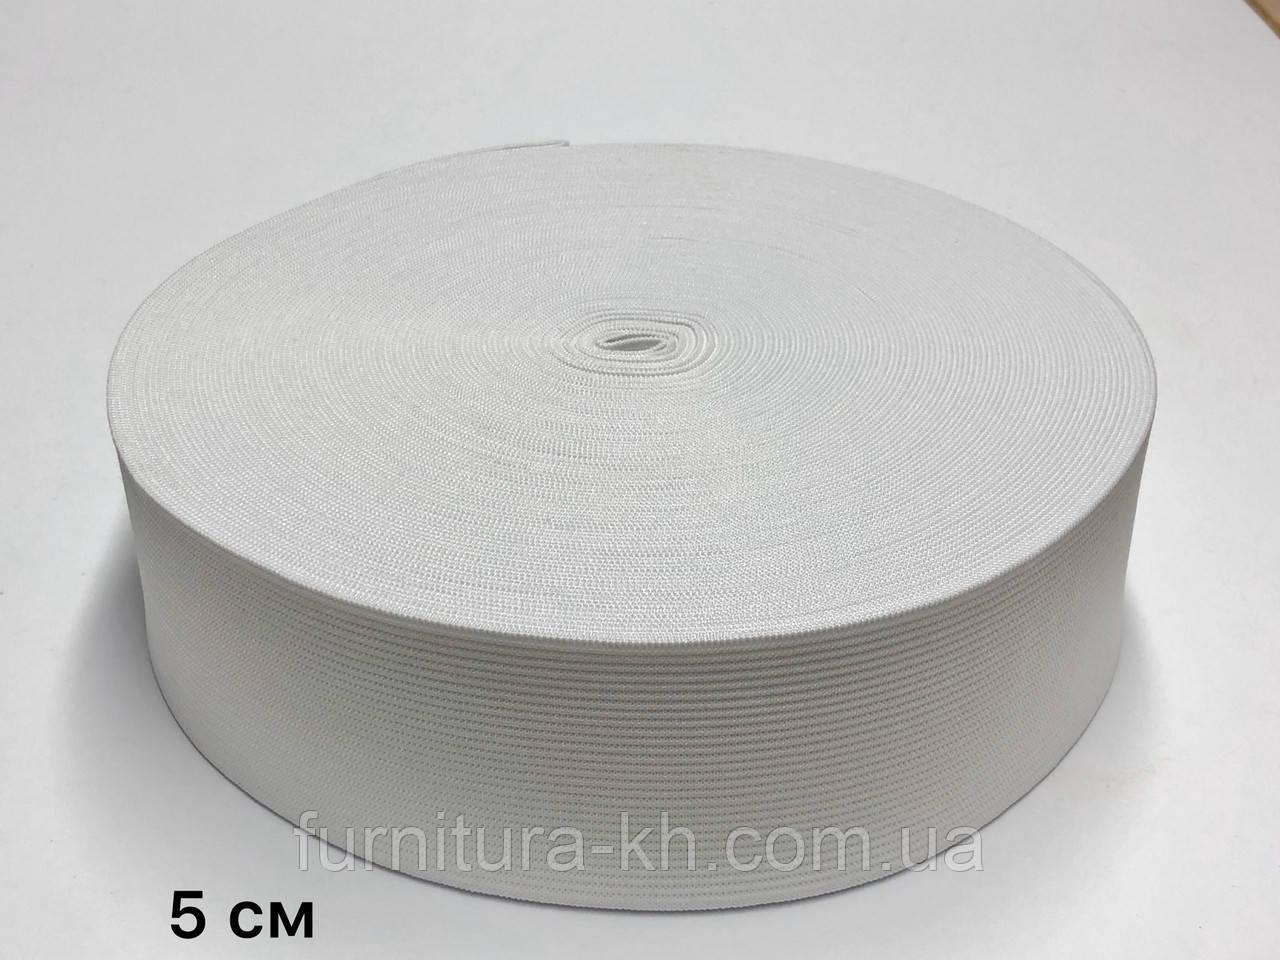 Резинка 5 см Белая в рулоне 25 метров